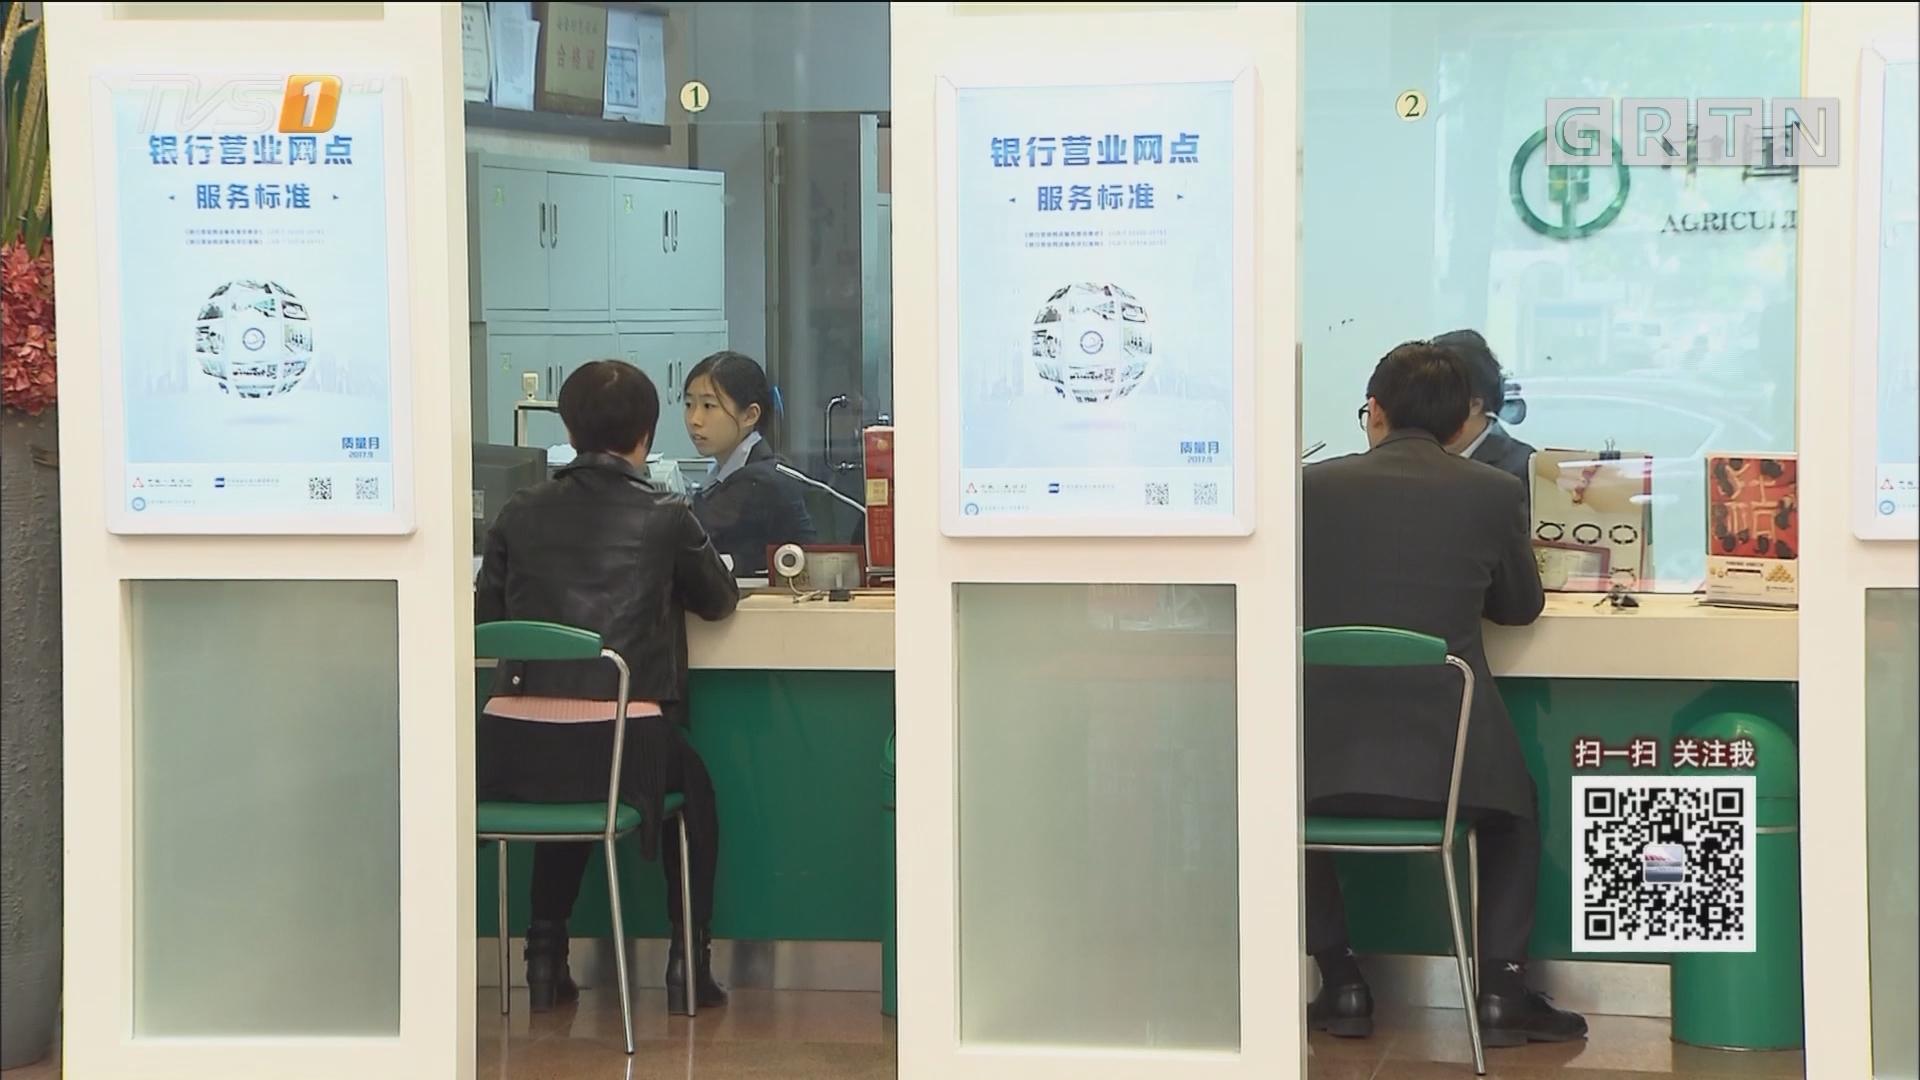 新闻调查:银行服务 哪些让人别扭?(上)